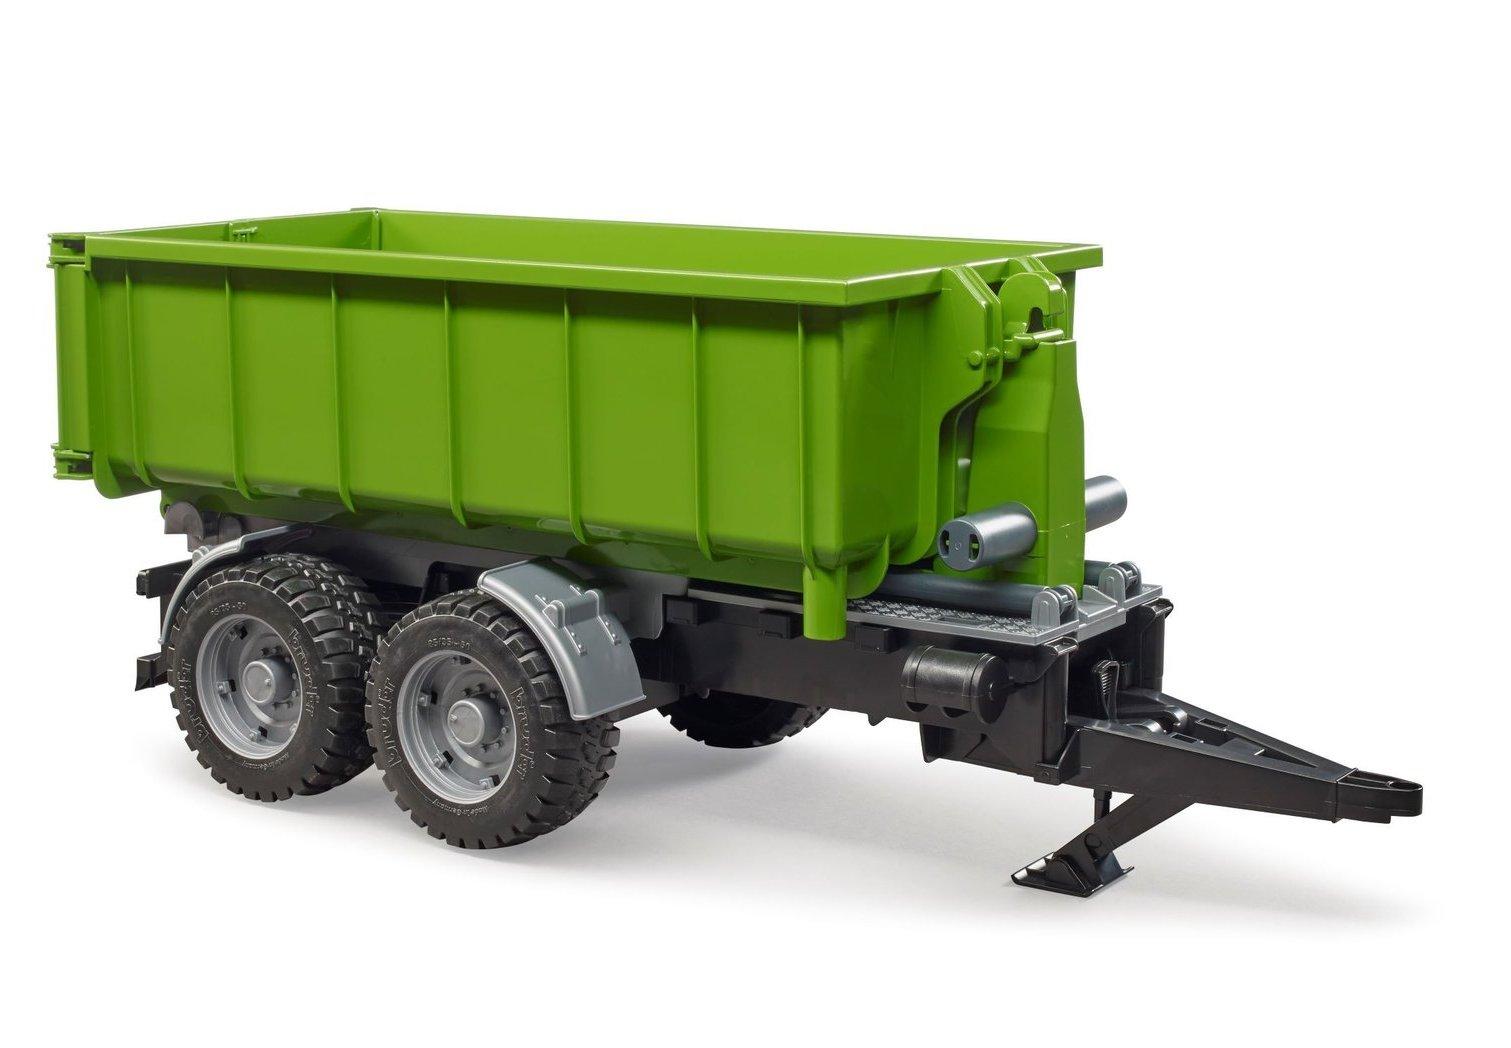 Remorca cu container pentru tractoare Bruder 02035